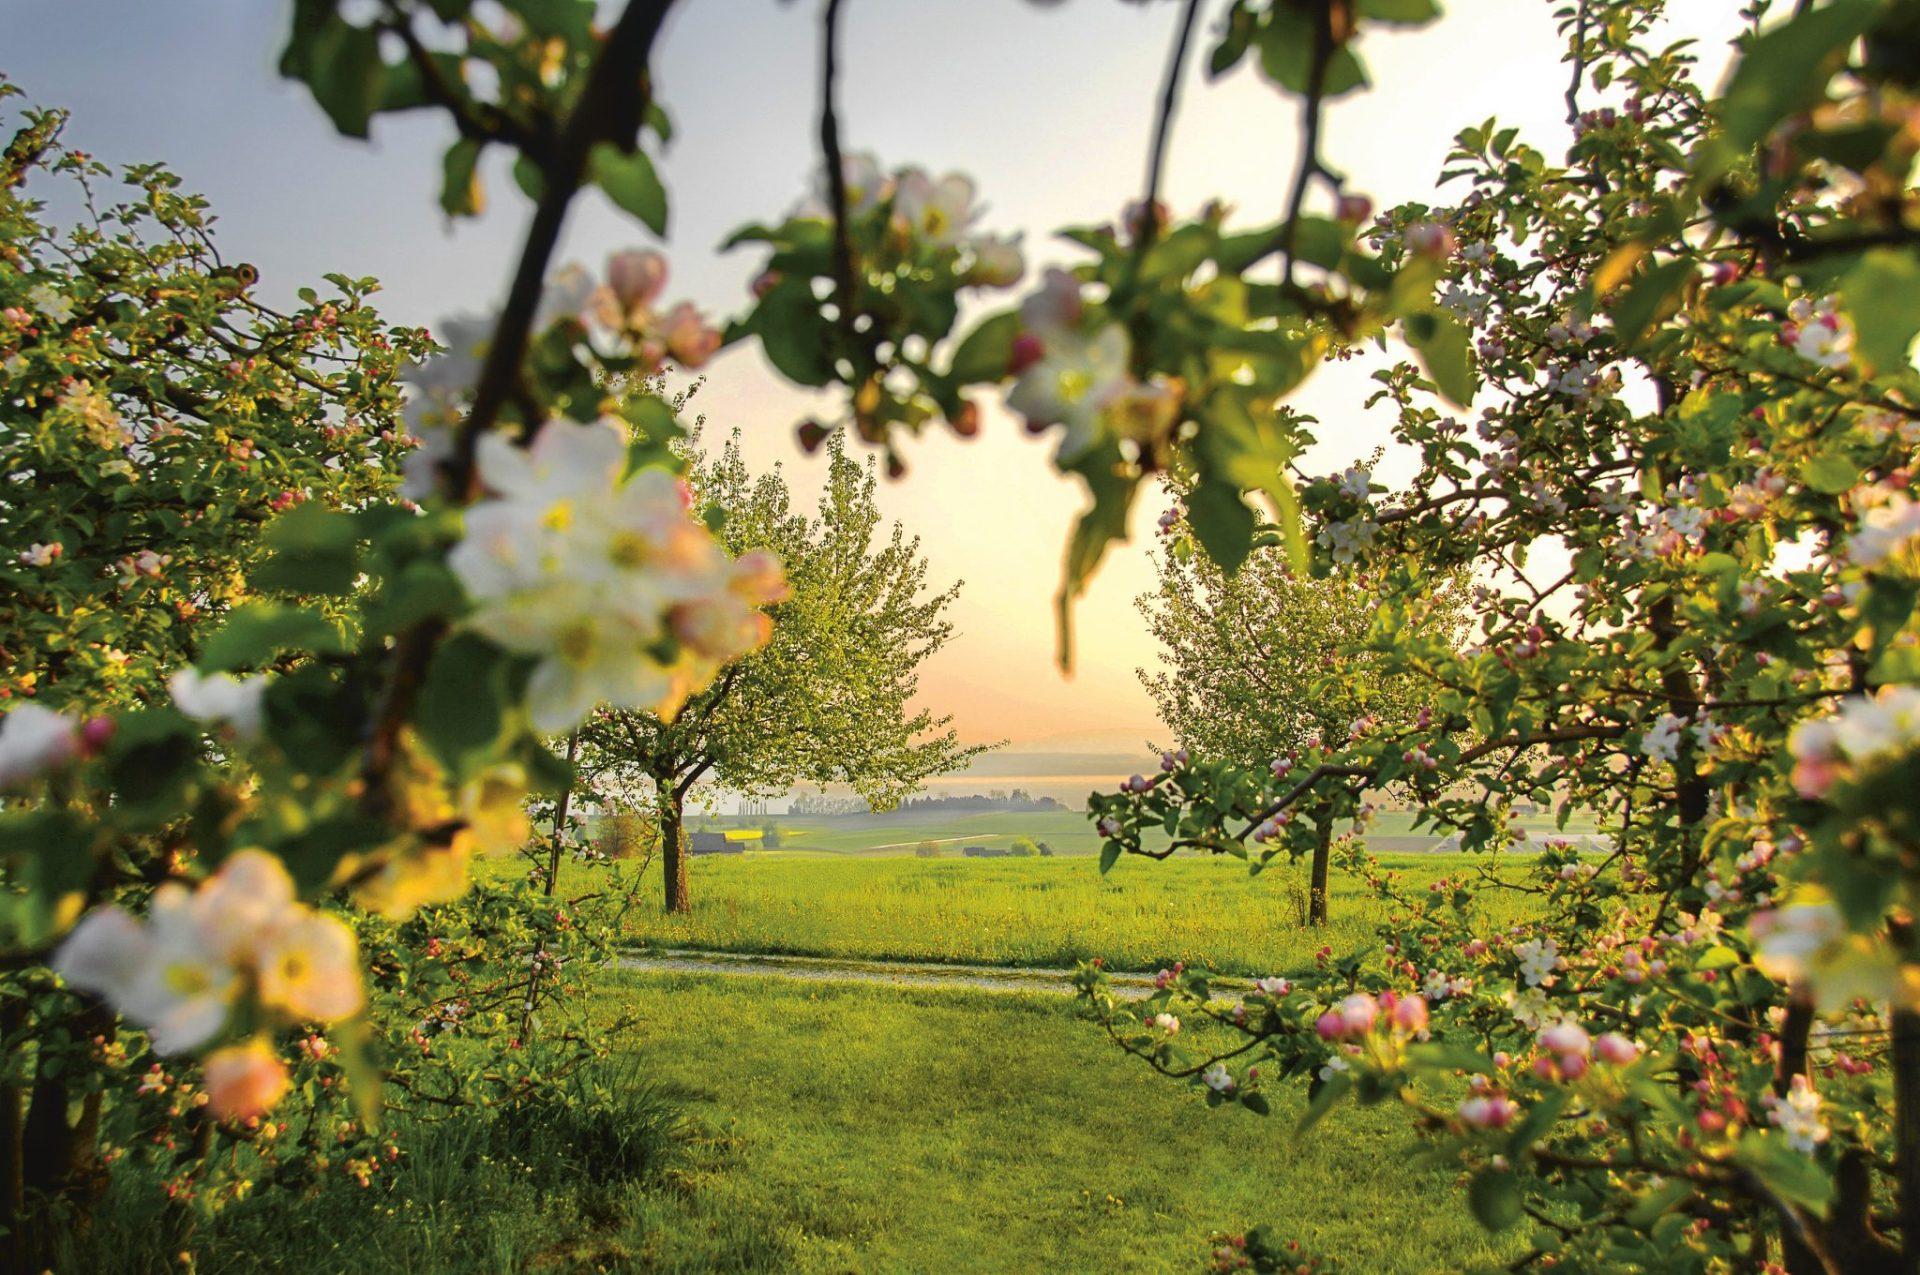 Bodensee im Blütenrausch 7